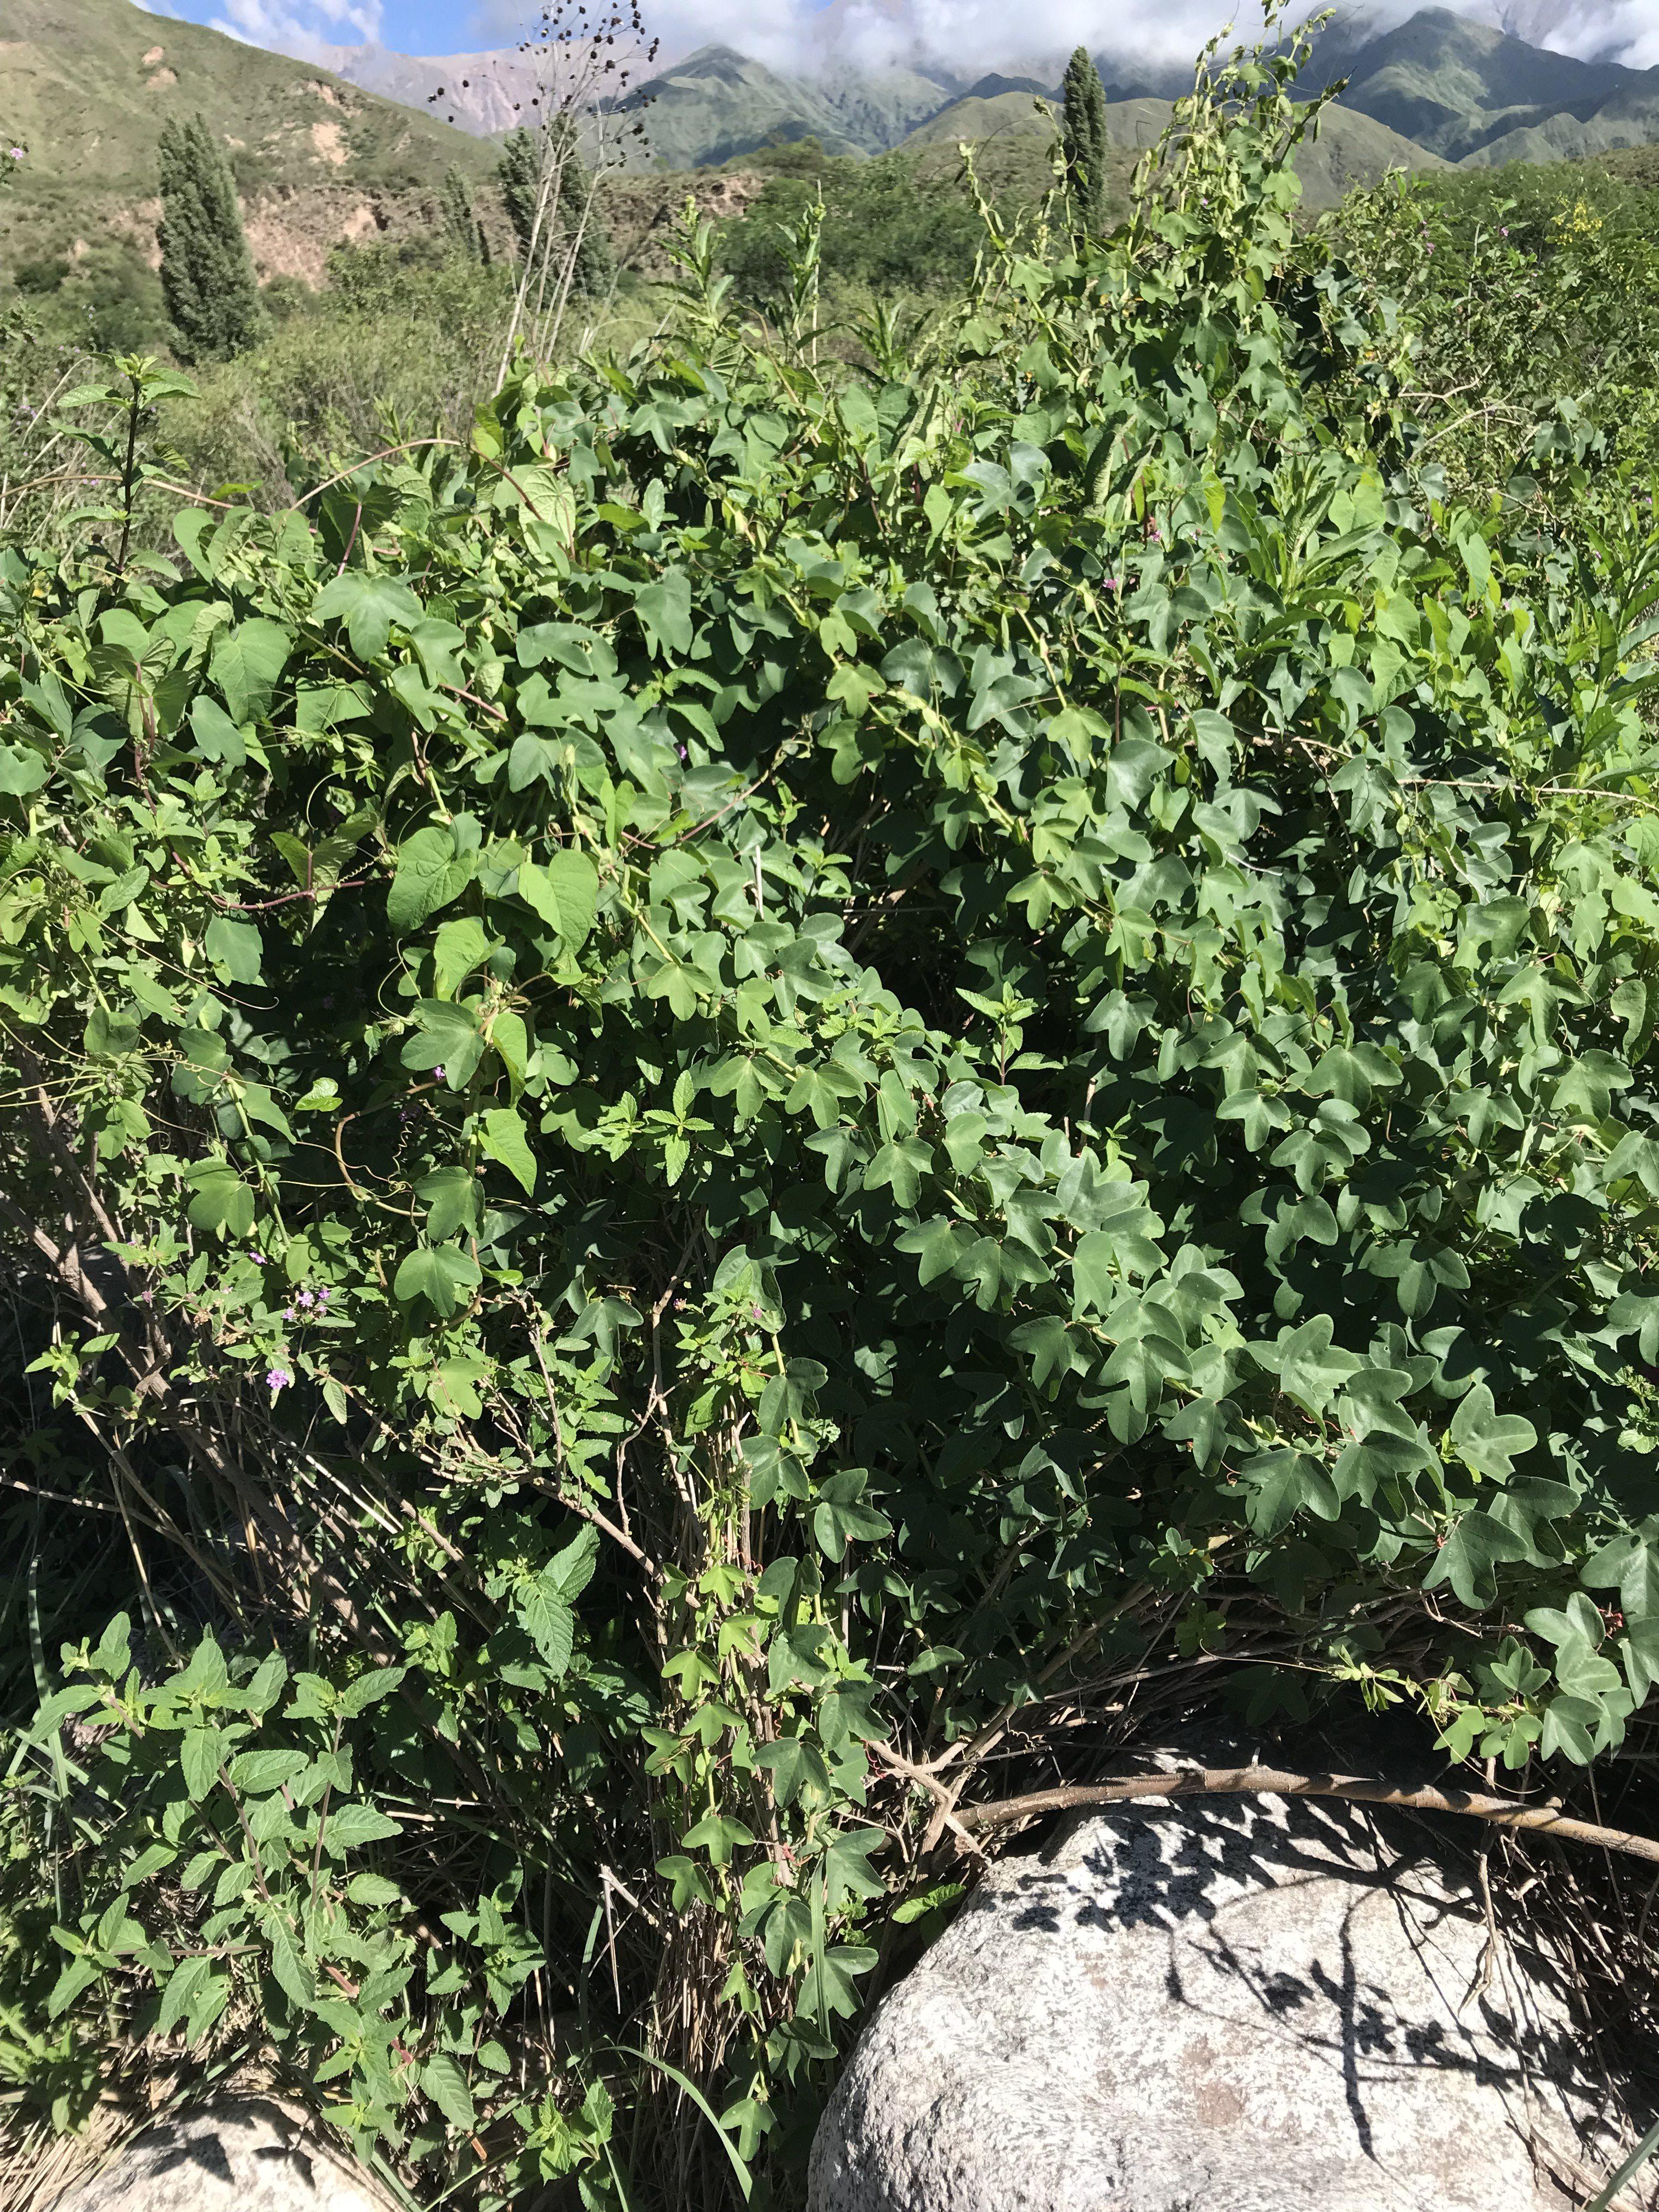 Passiflora umbilicata foliage and mountain view